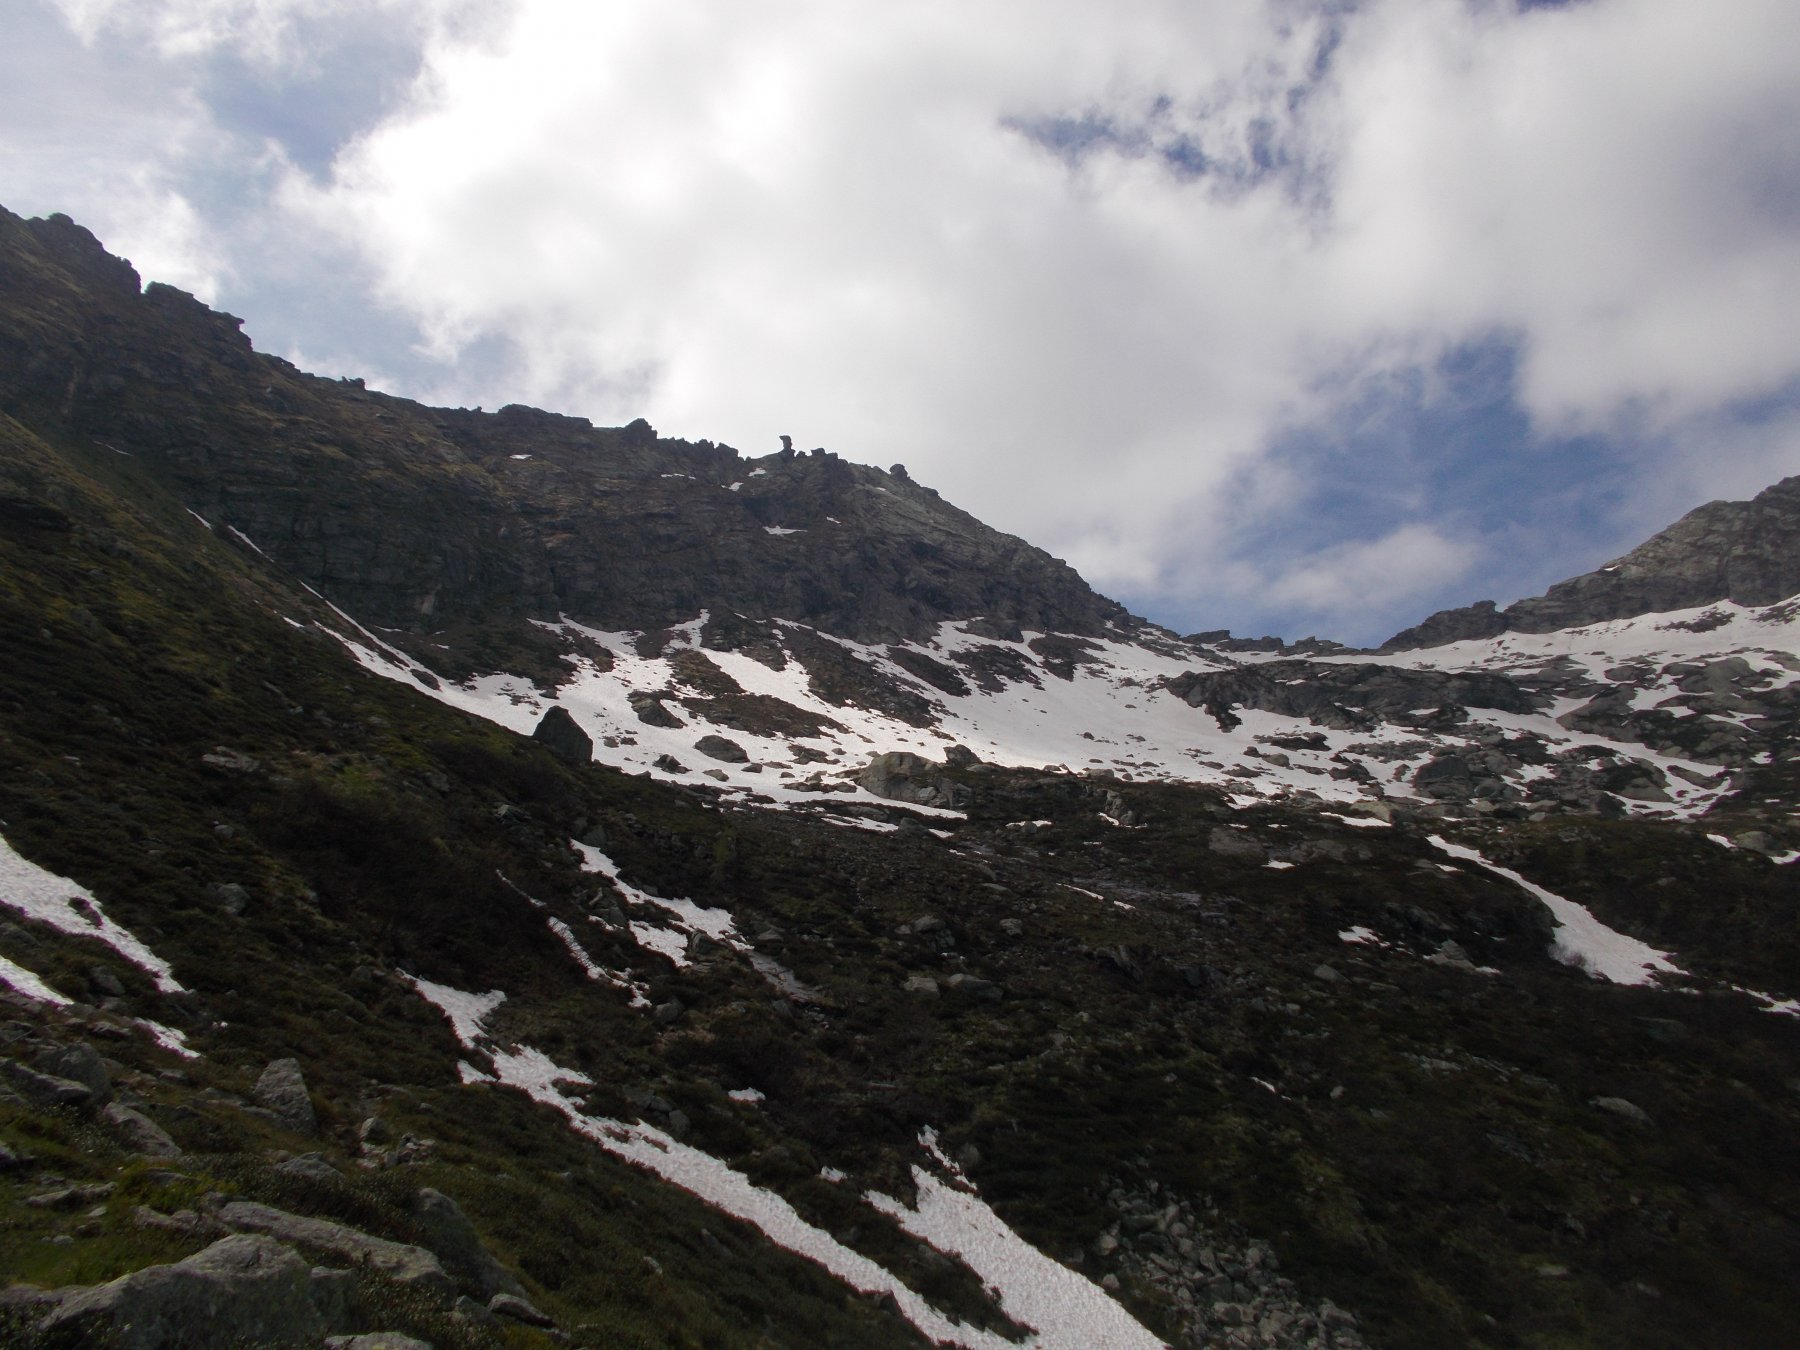 staziona ancora parecchia neve a monte del lago come si puo' notare dalla foto..